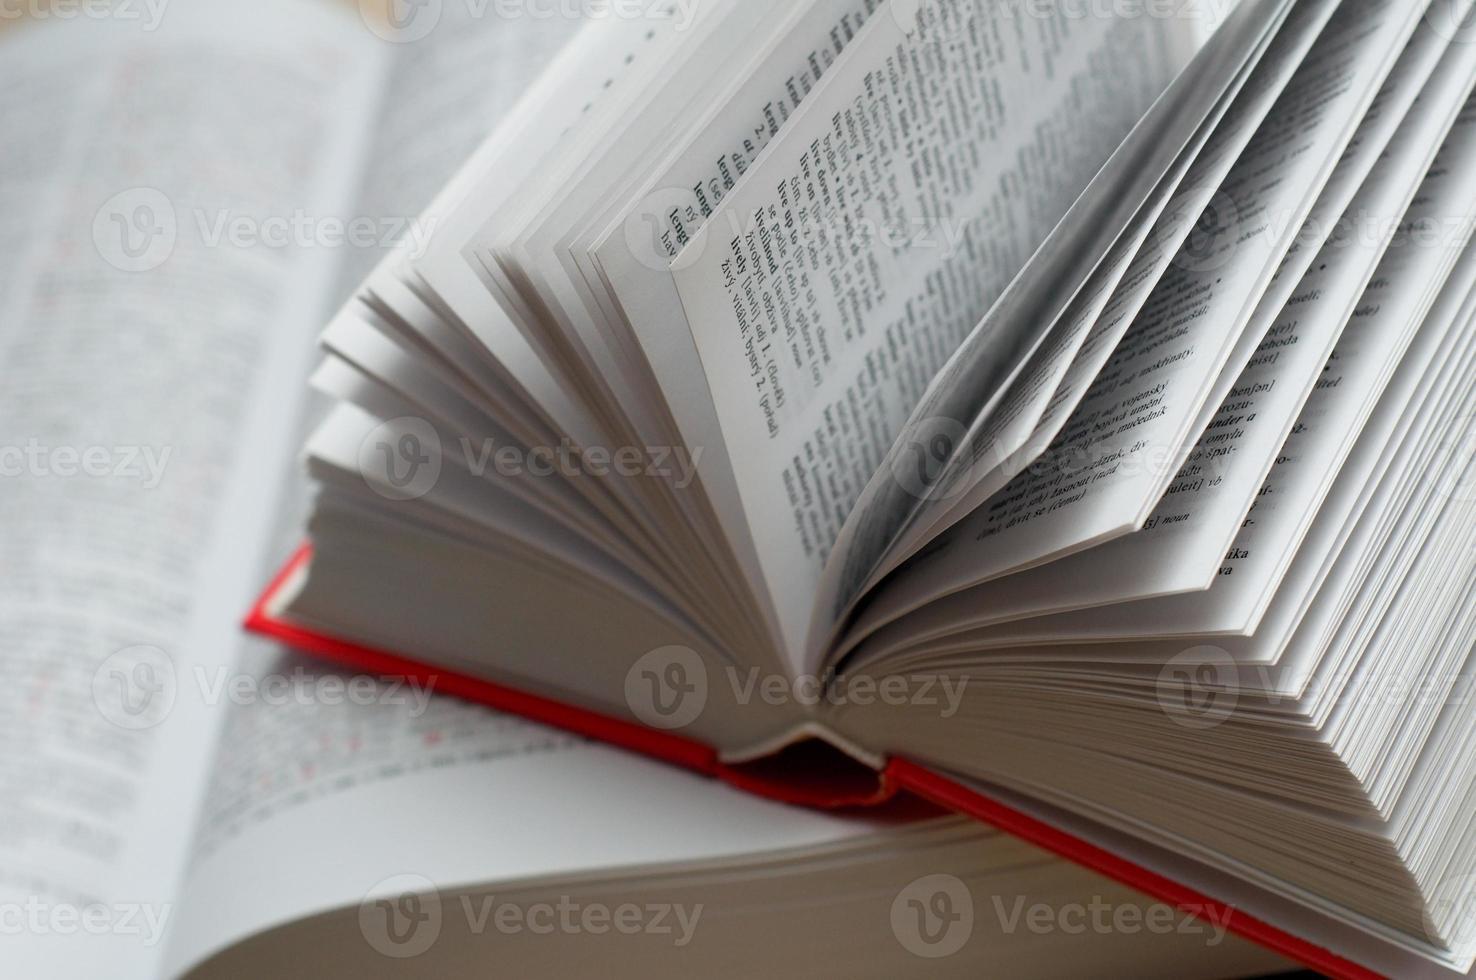 öppen ordbok foto